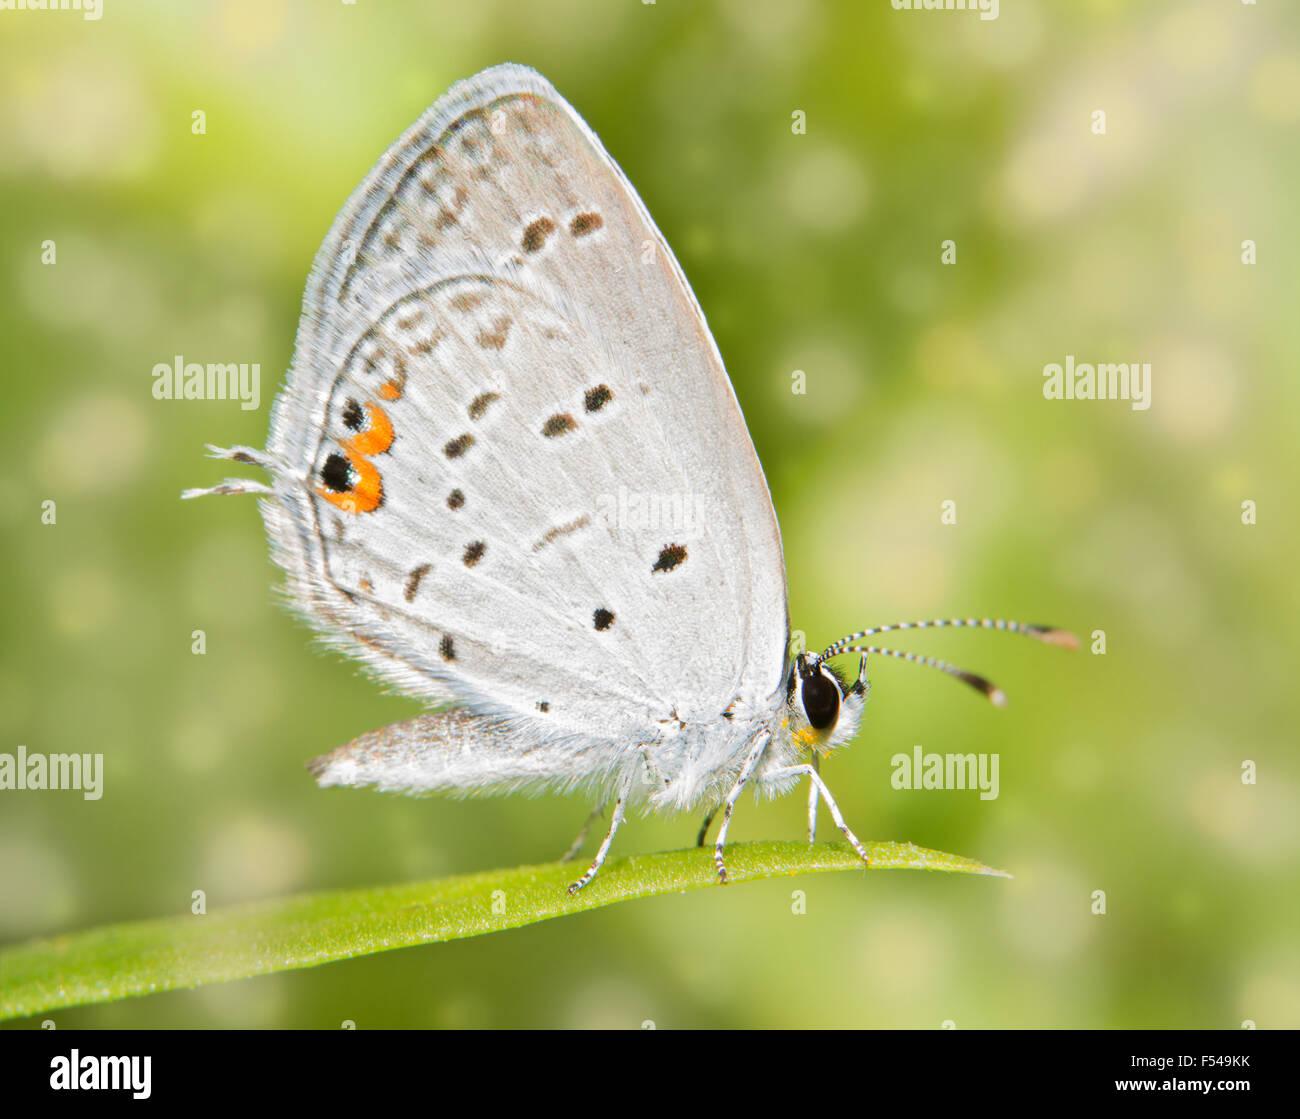 Immagine da sogno di un minuscolo Eastern Tailed Blue Butterfly in appoggio su una paletta di erba Foto Stock